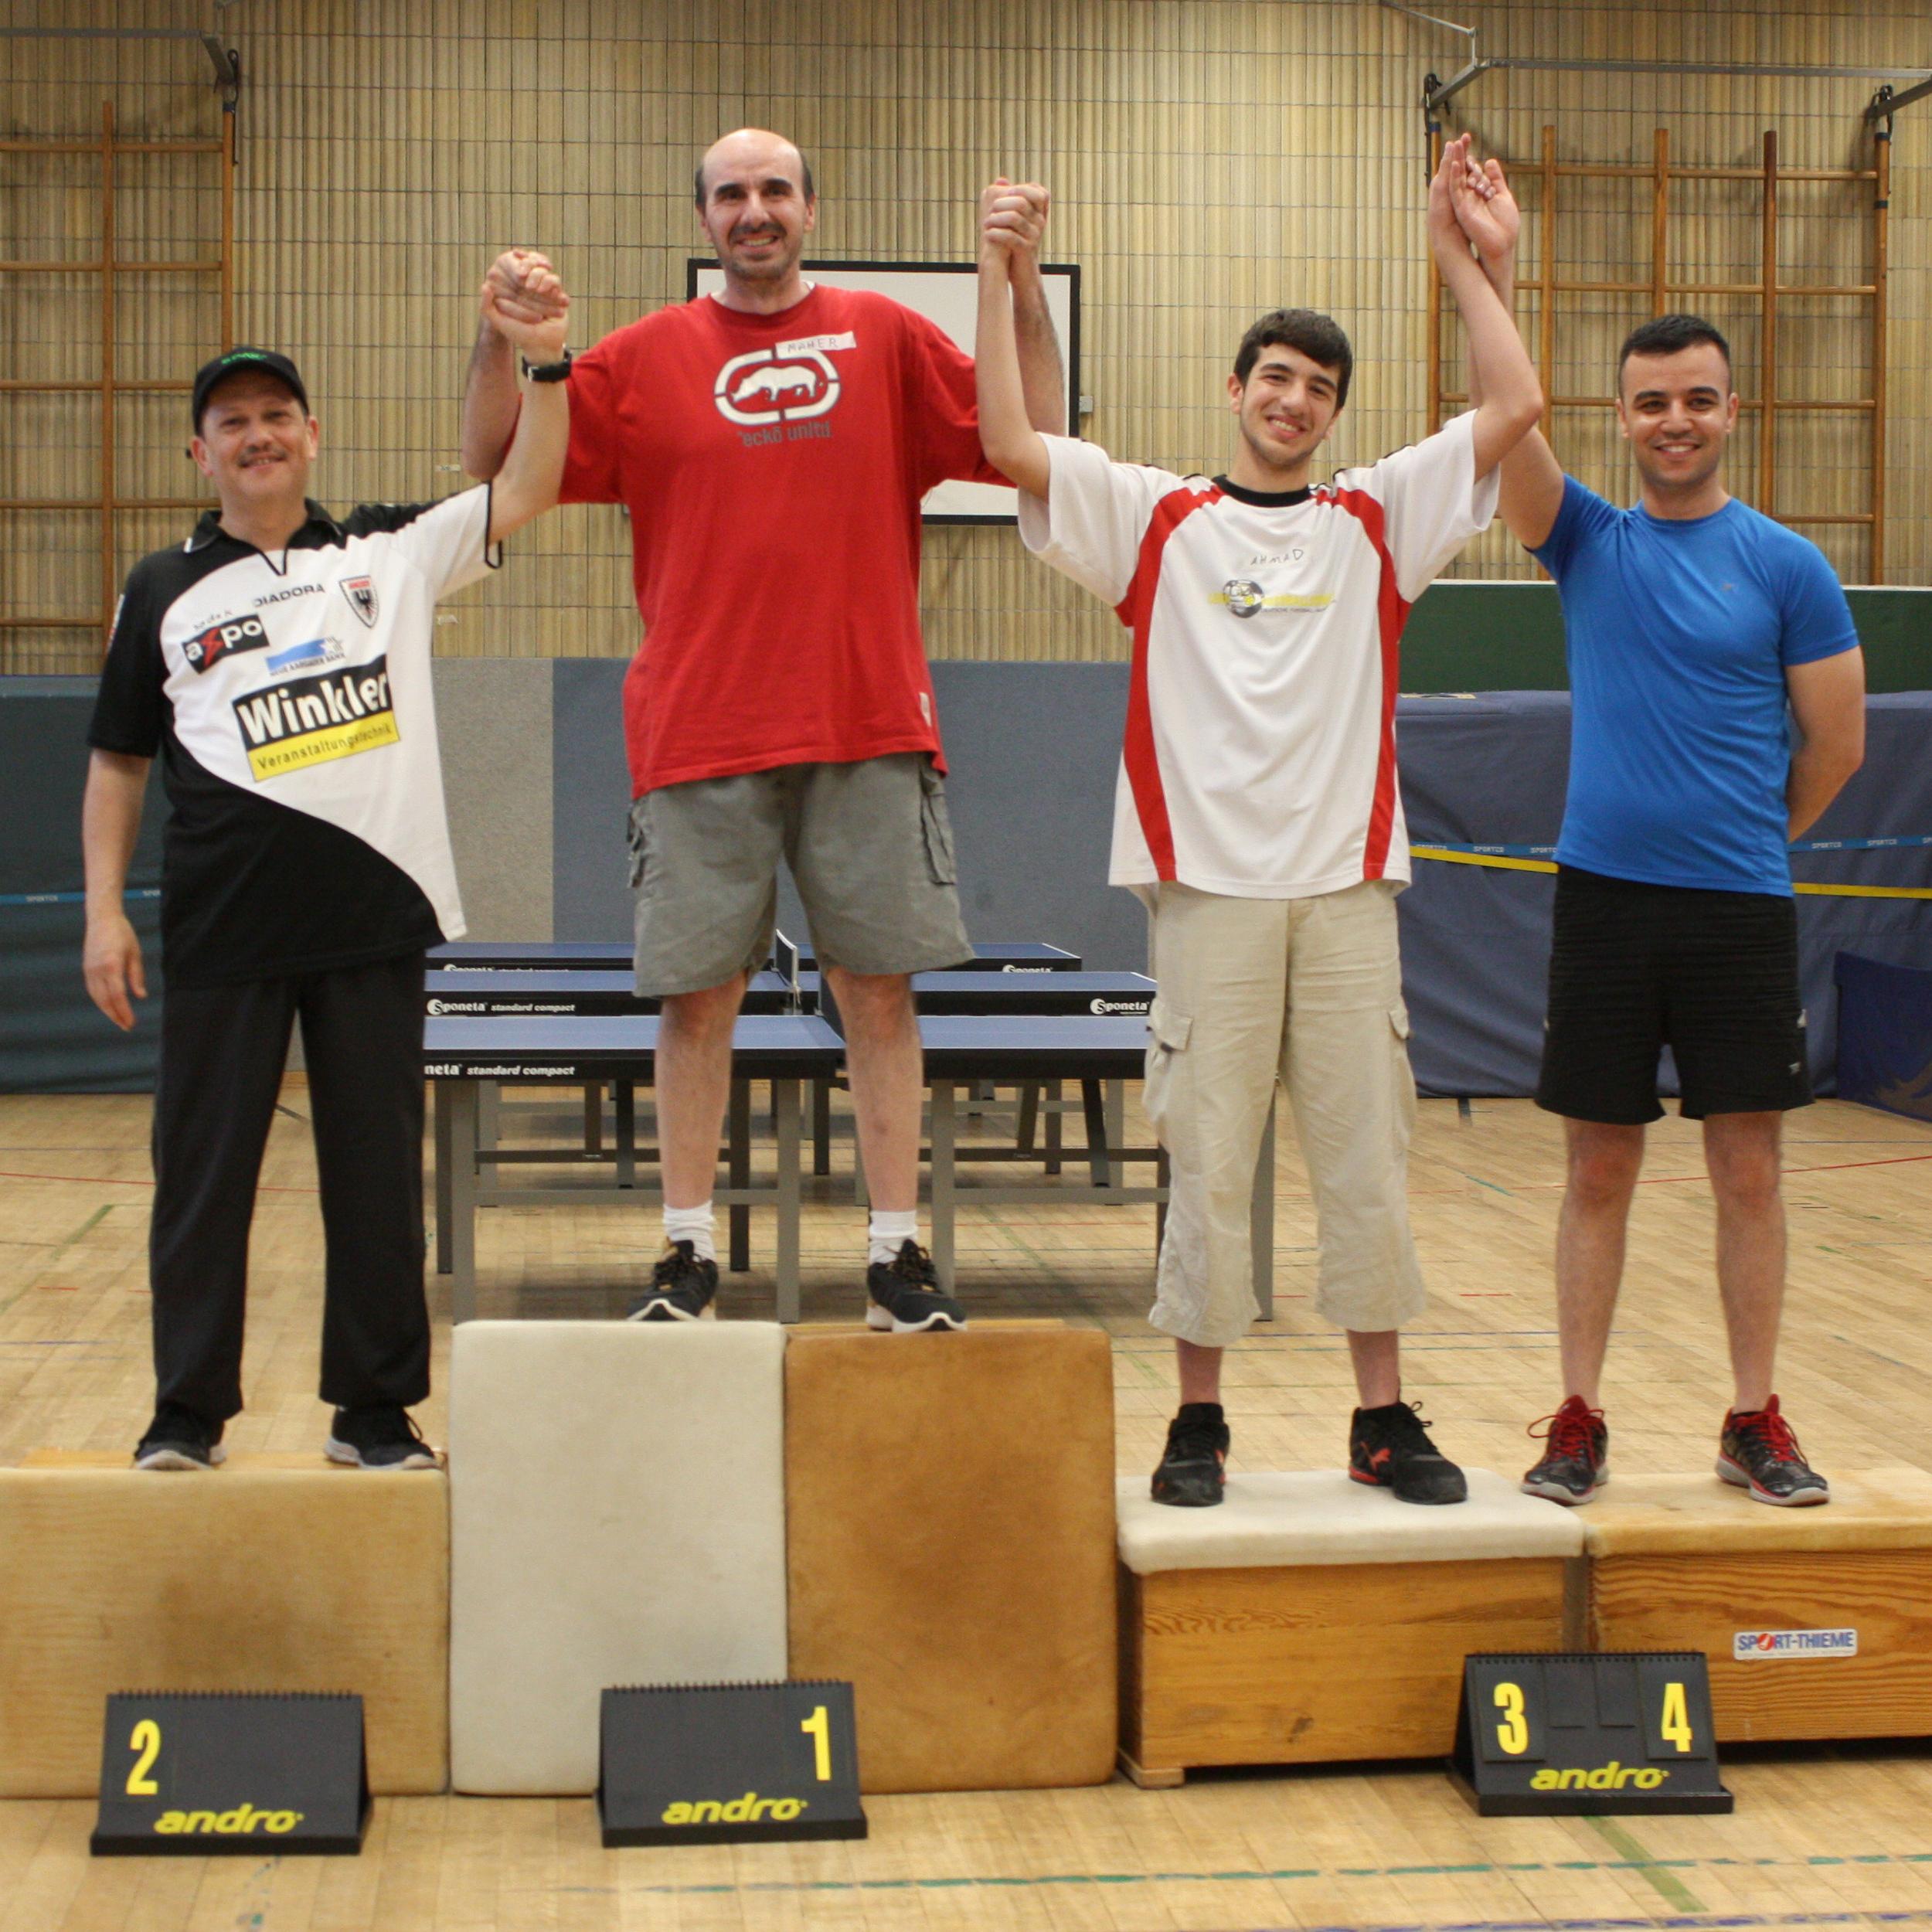 Siegerehrung Einzel: 1. Platz: Maher 2. Platz: Sadek, 3. Platz: Ahmad 4. Platz: Bassam